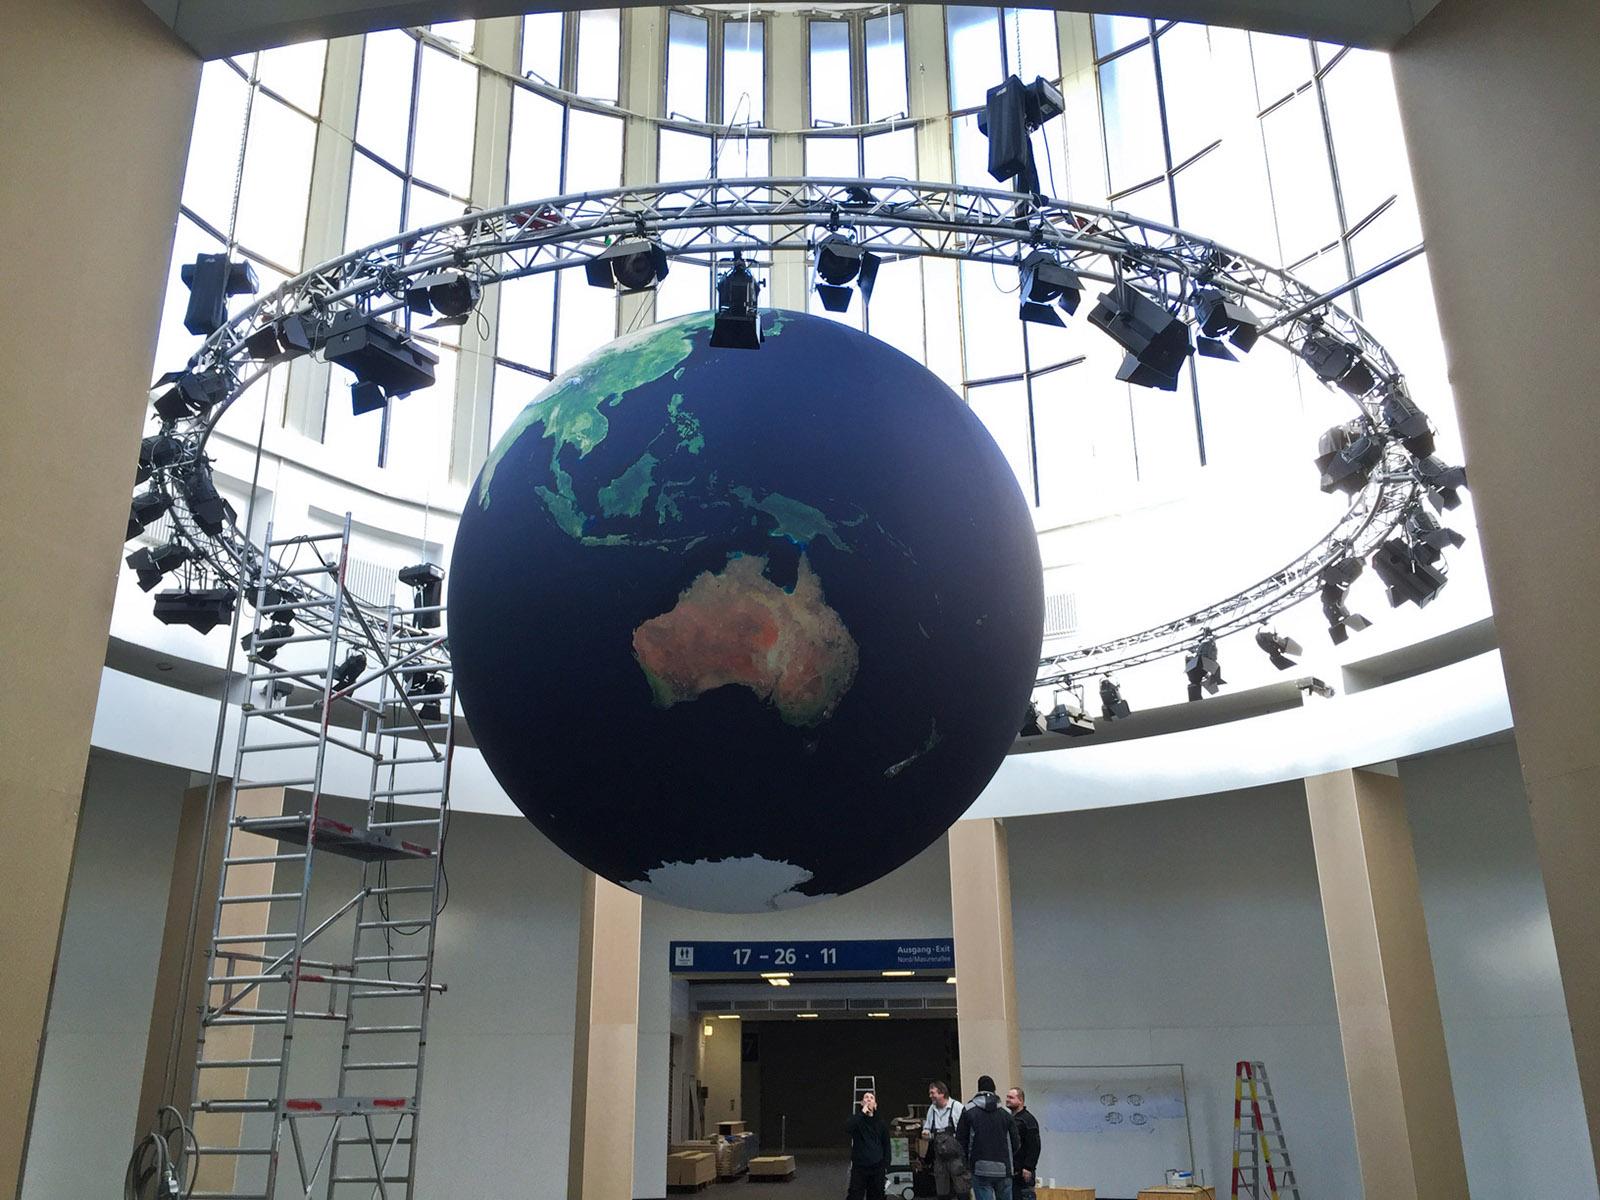 ITB - Globus-Ballon mit 5 Metern Durchmesser